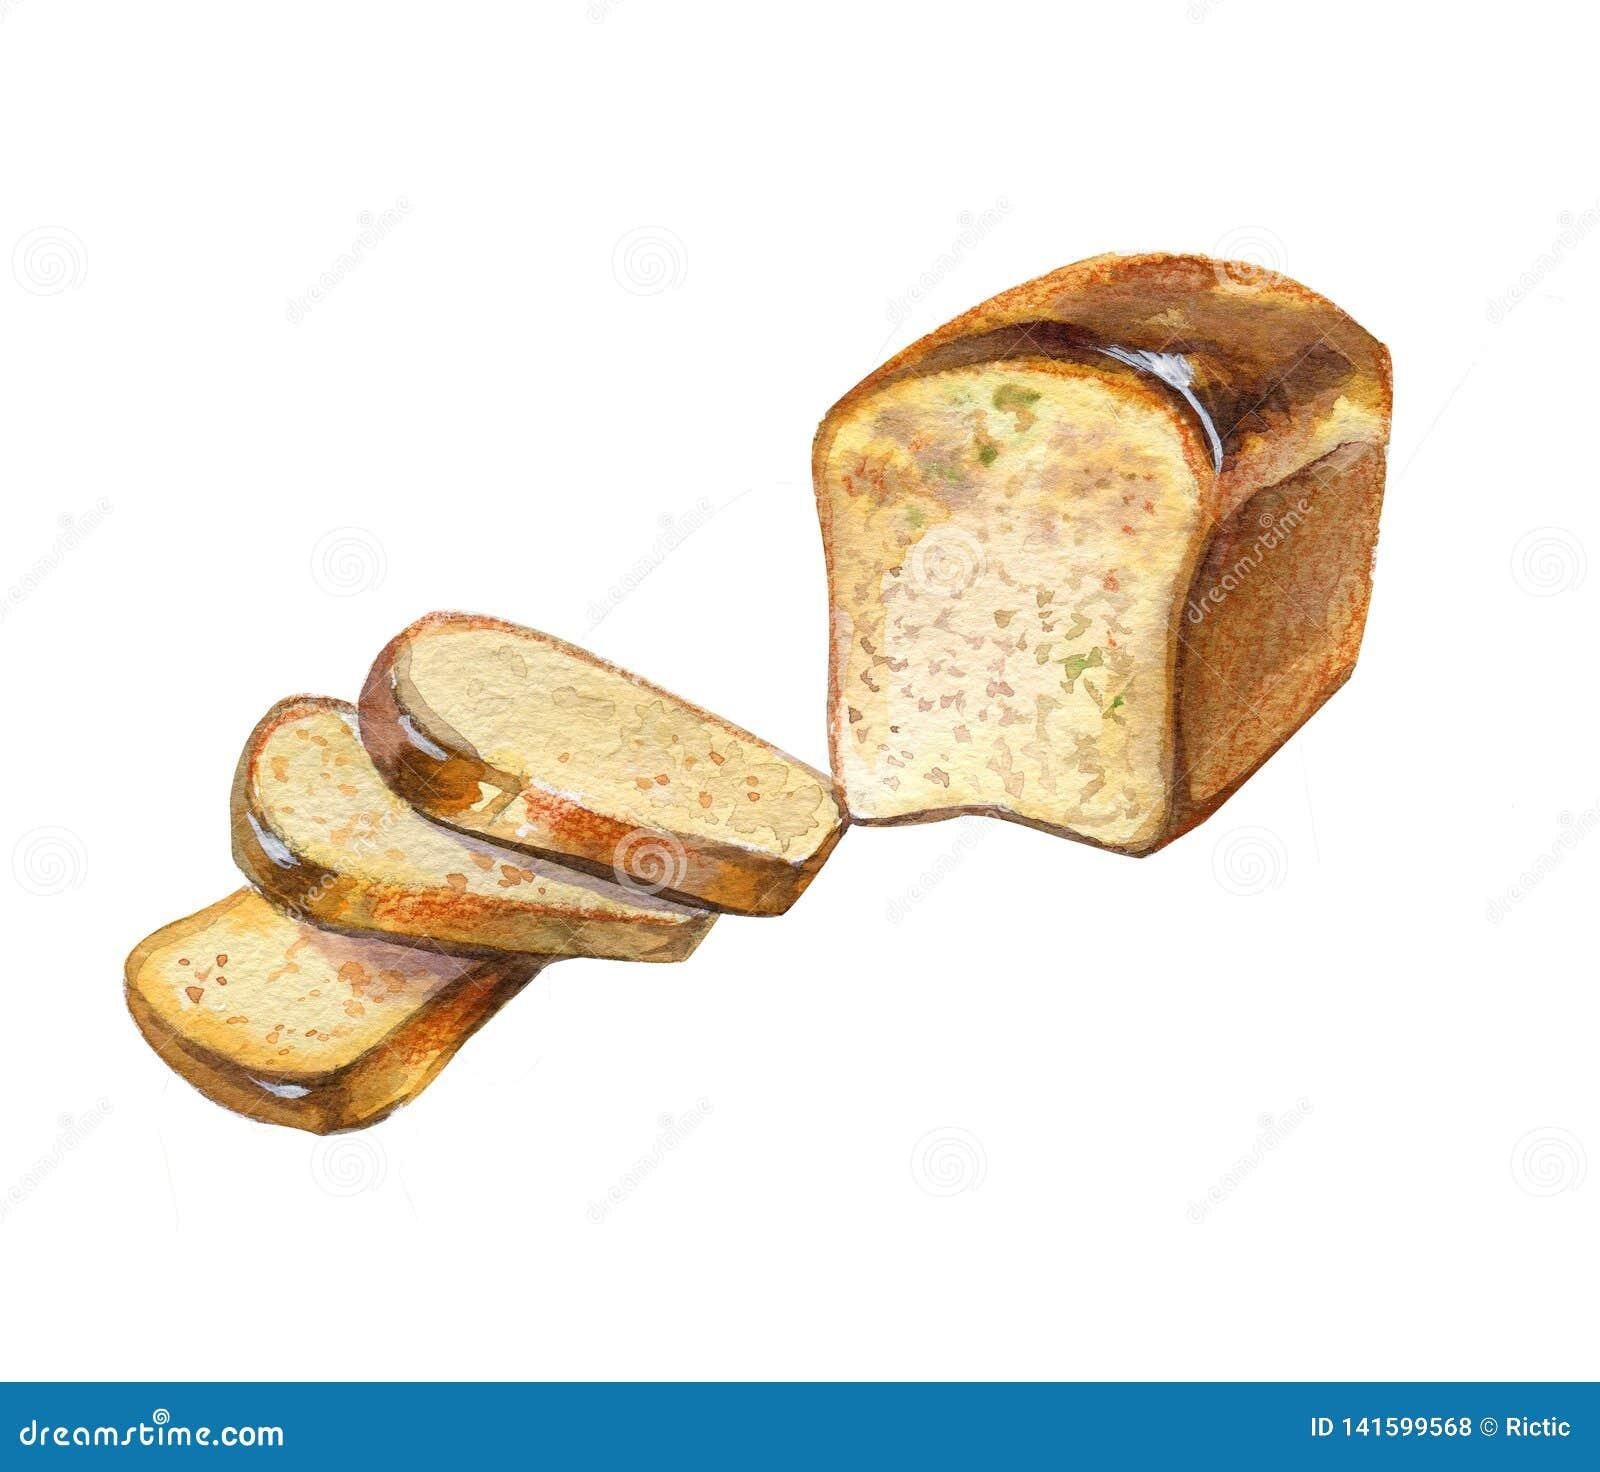 Realistic Bread Watercolor Illustration Stock Illustration Illustration Of Breakfast Snack 141599568